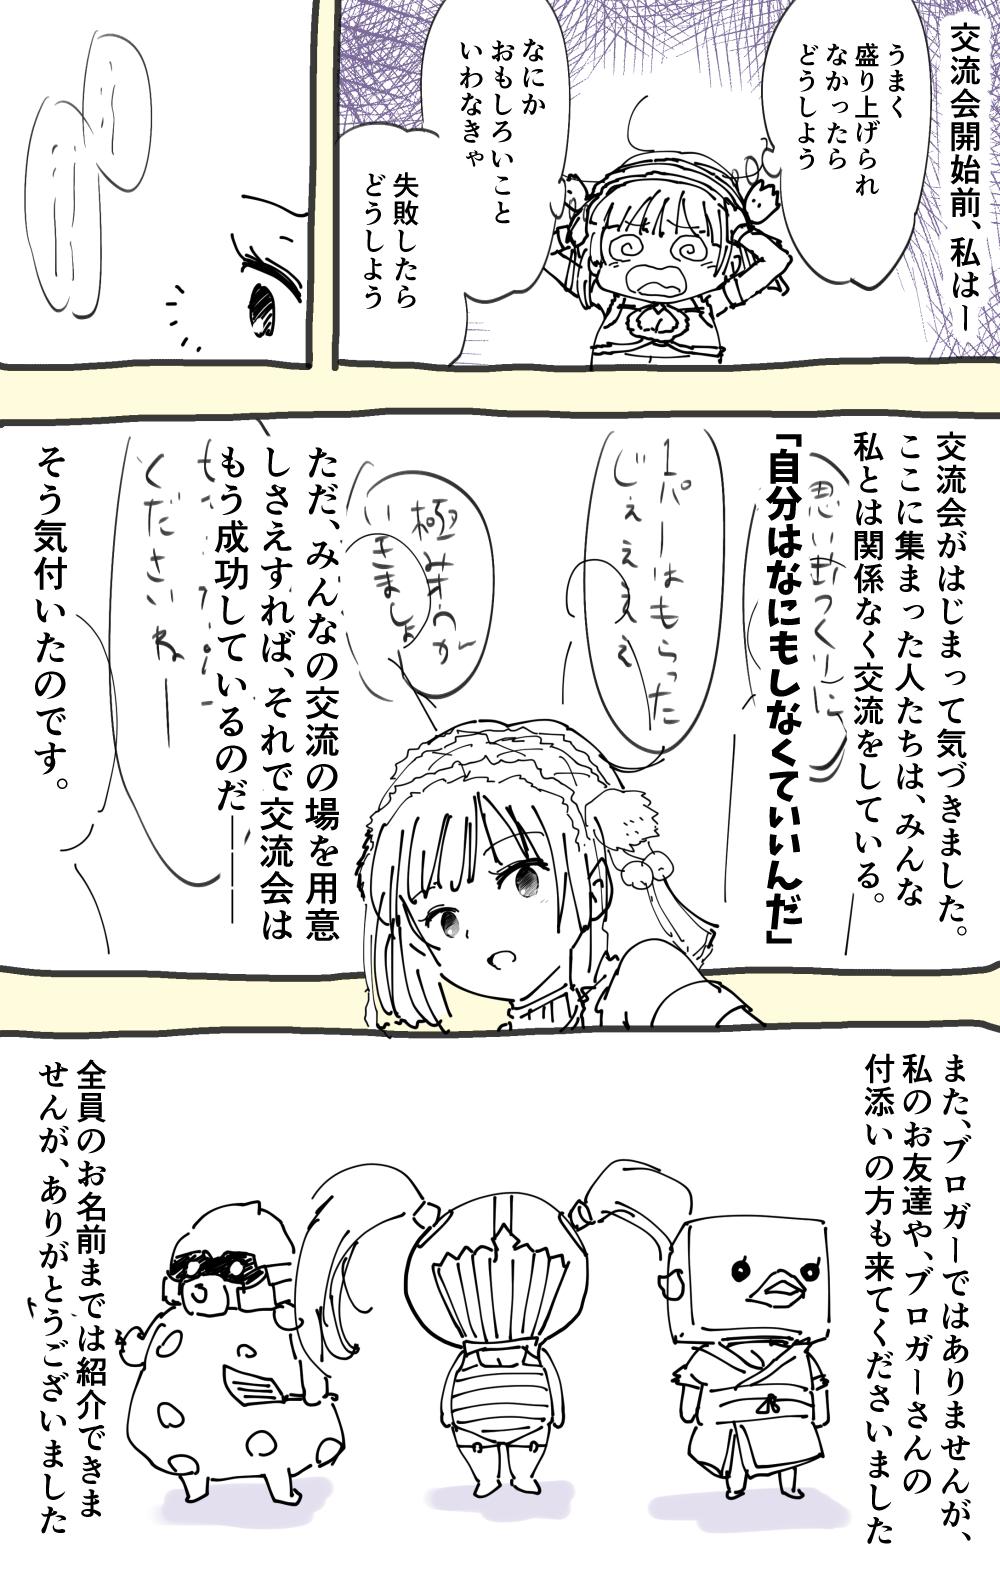 交流会記事4せりふつき